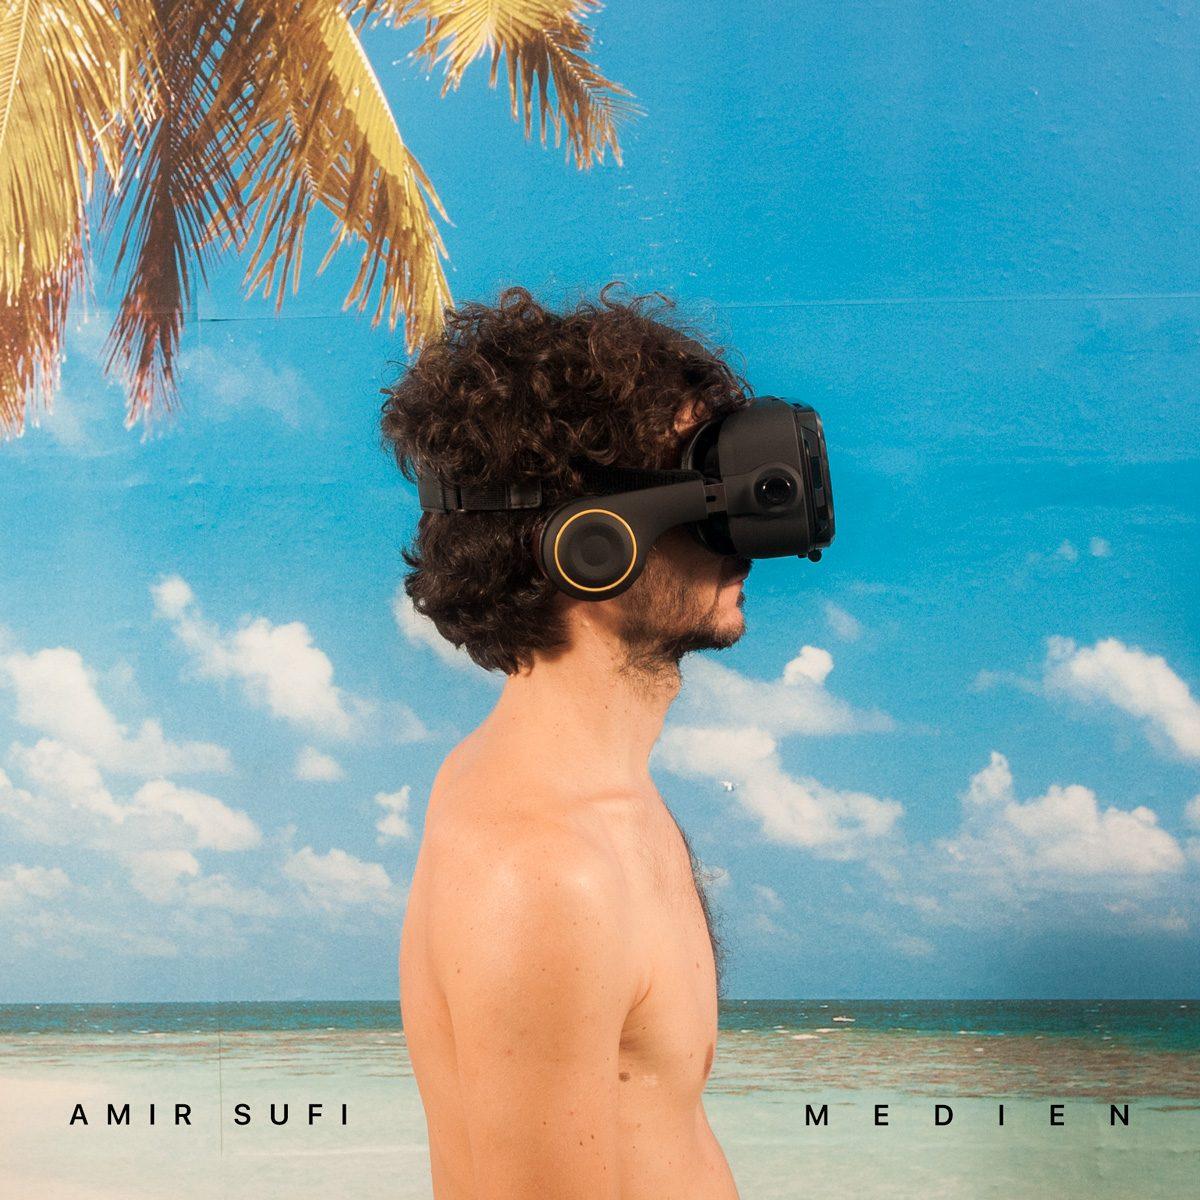 Amir Sufi - Medien